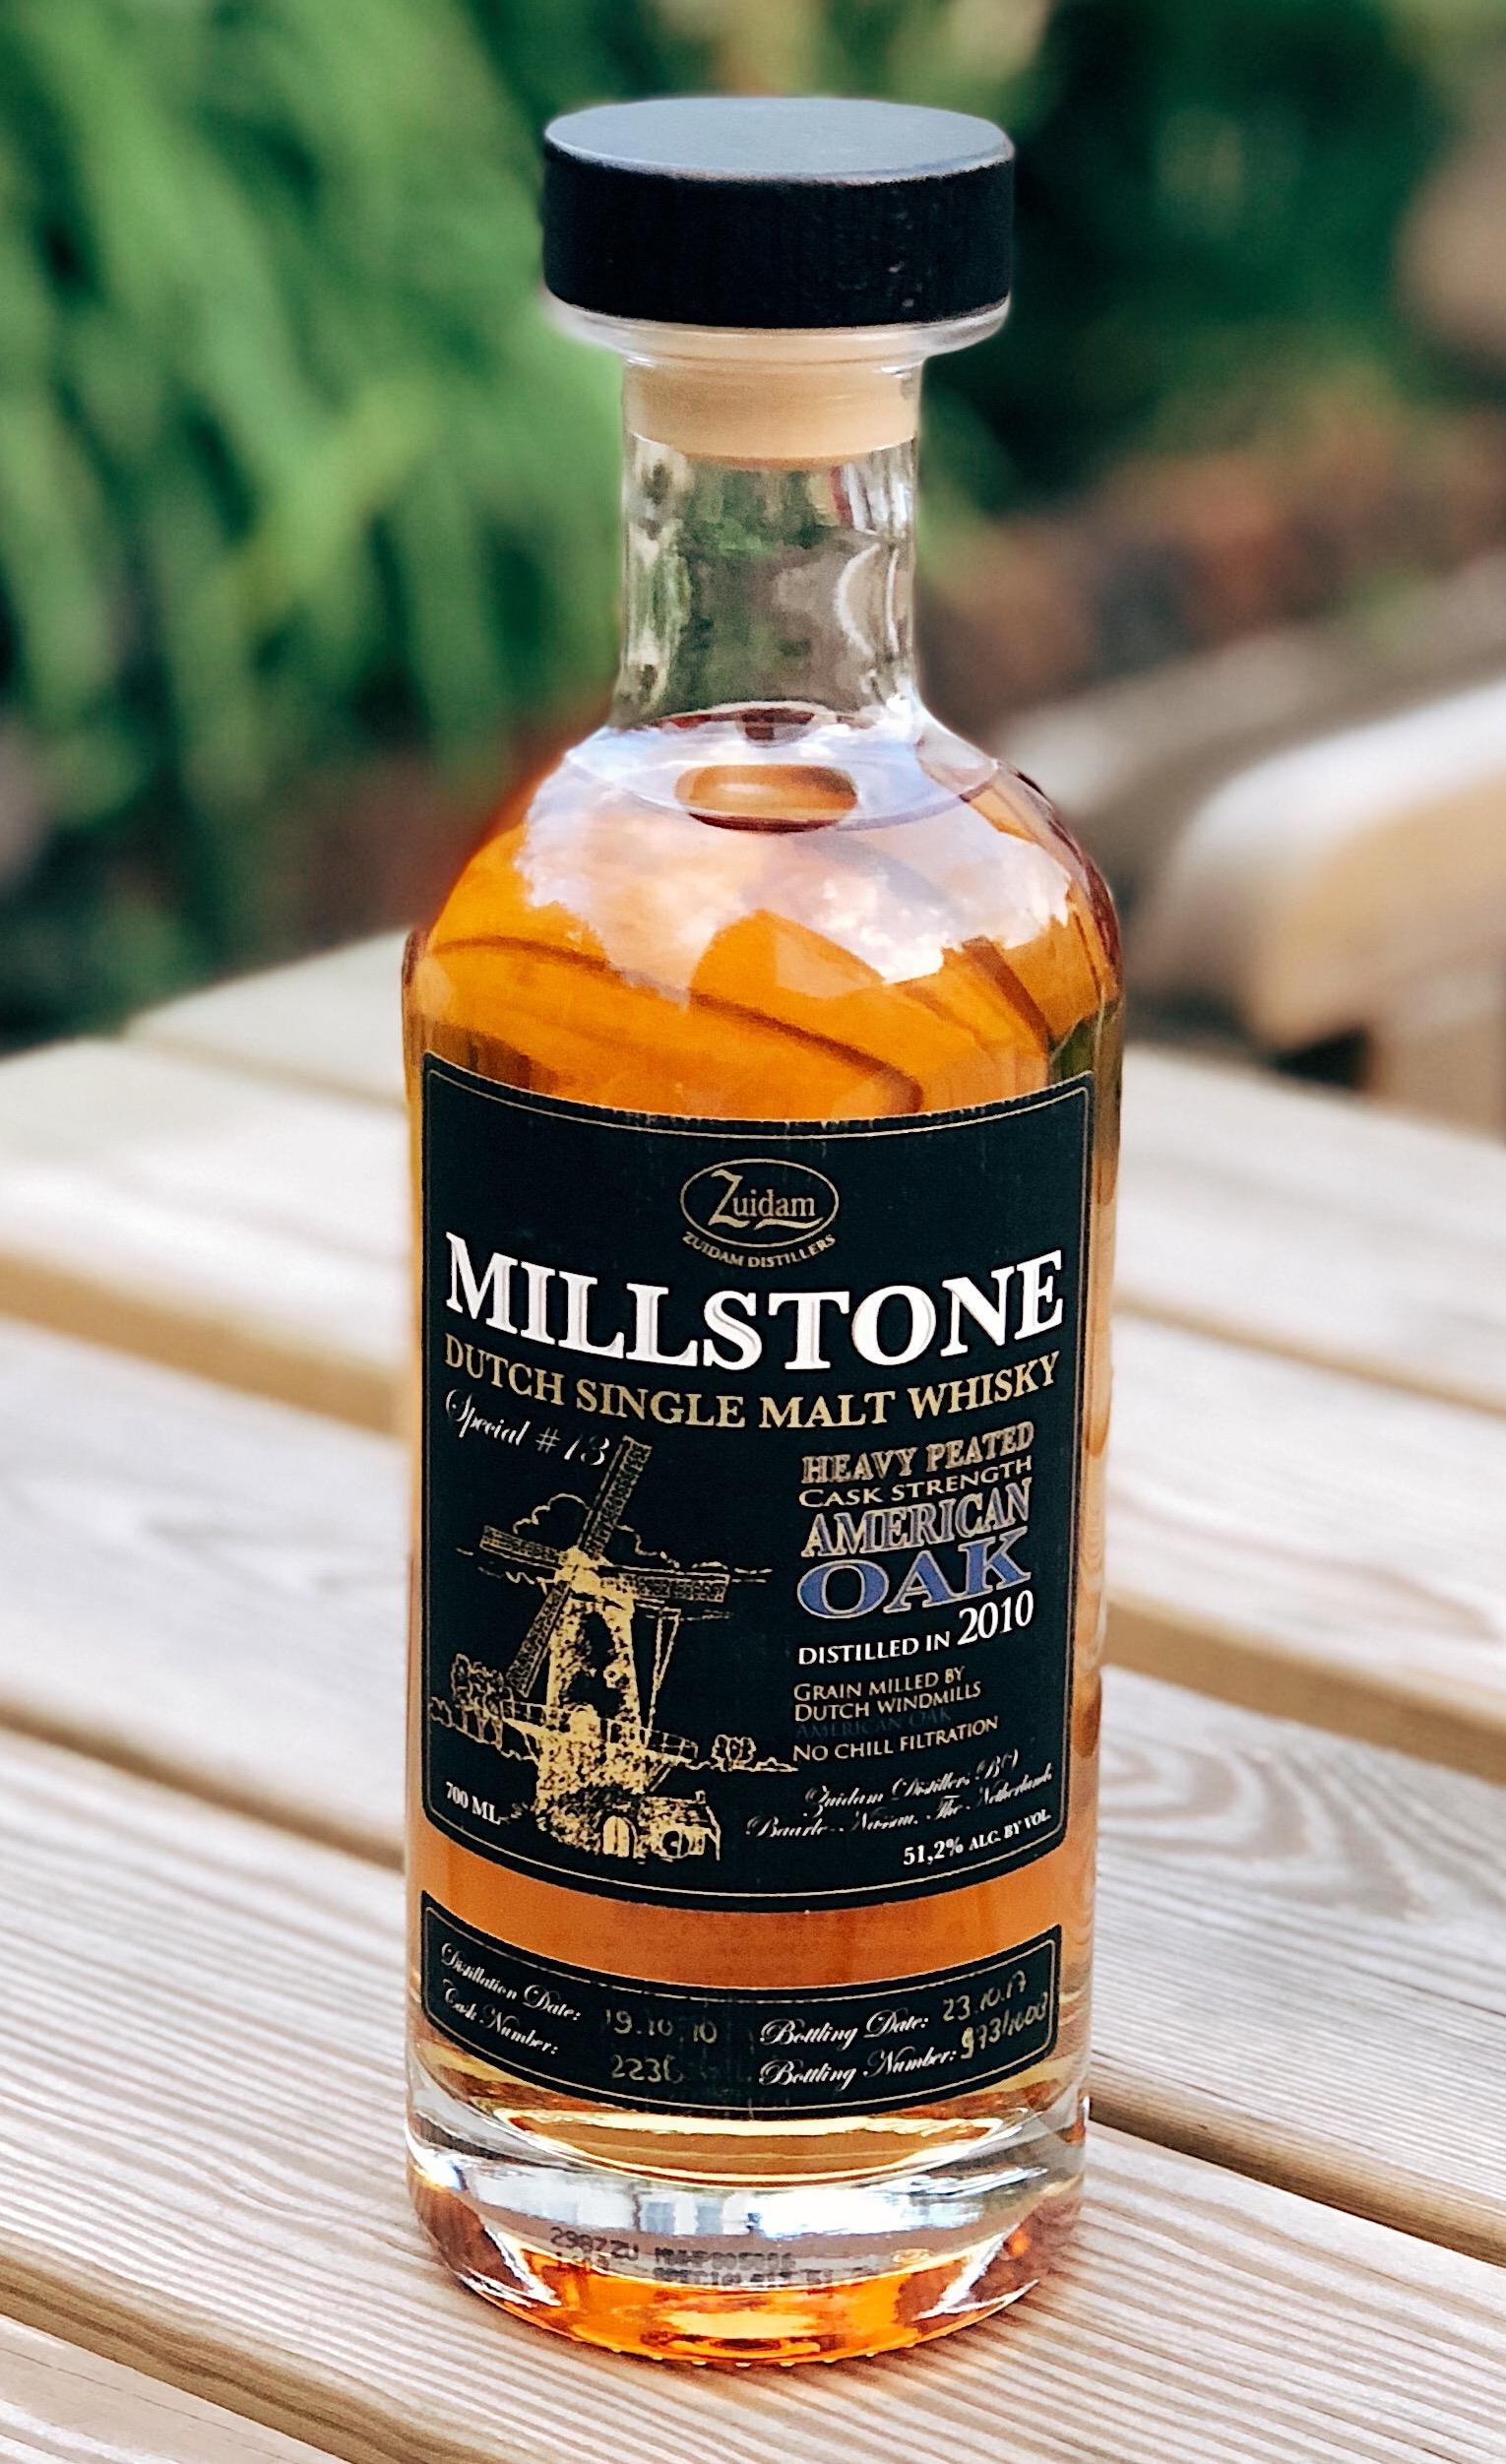 Millstone 10 years peated